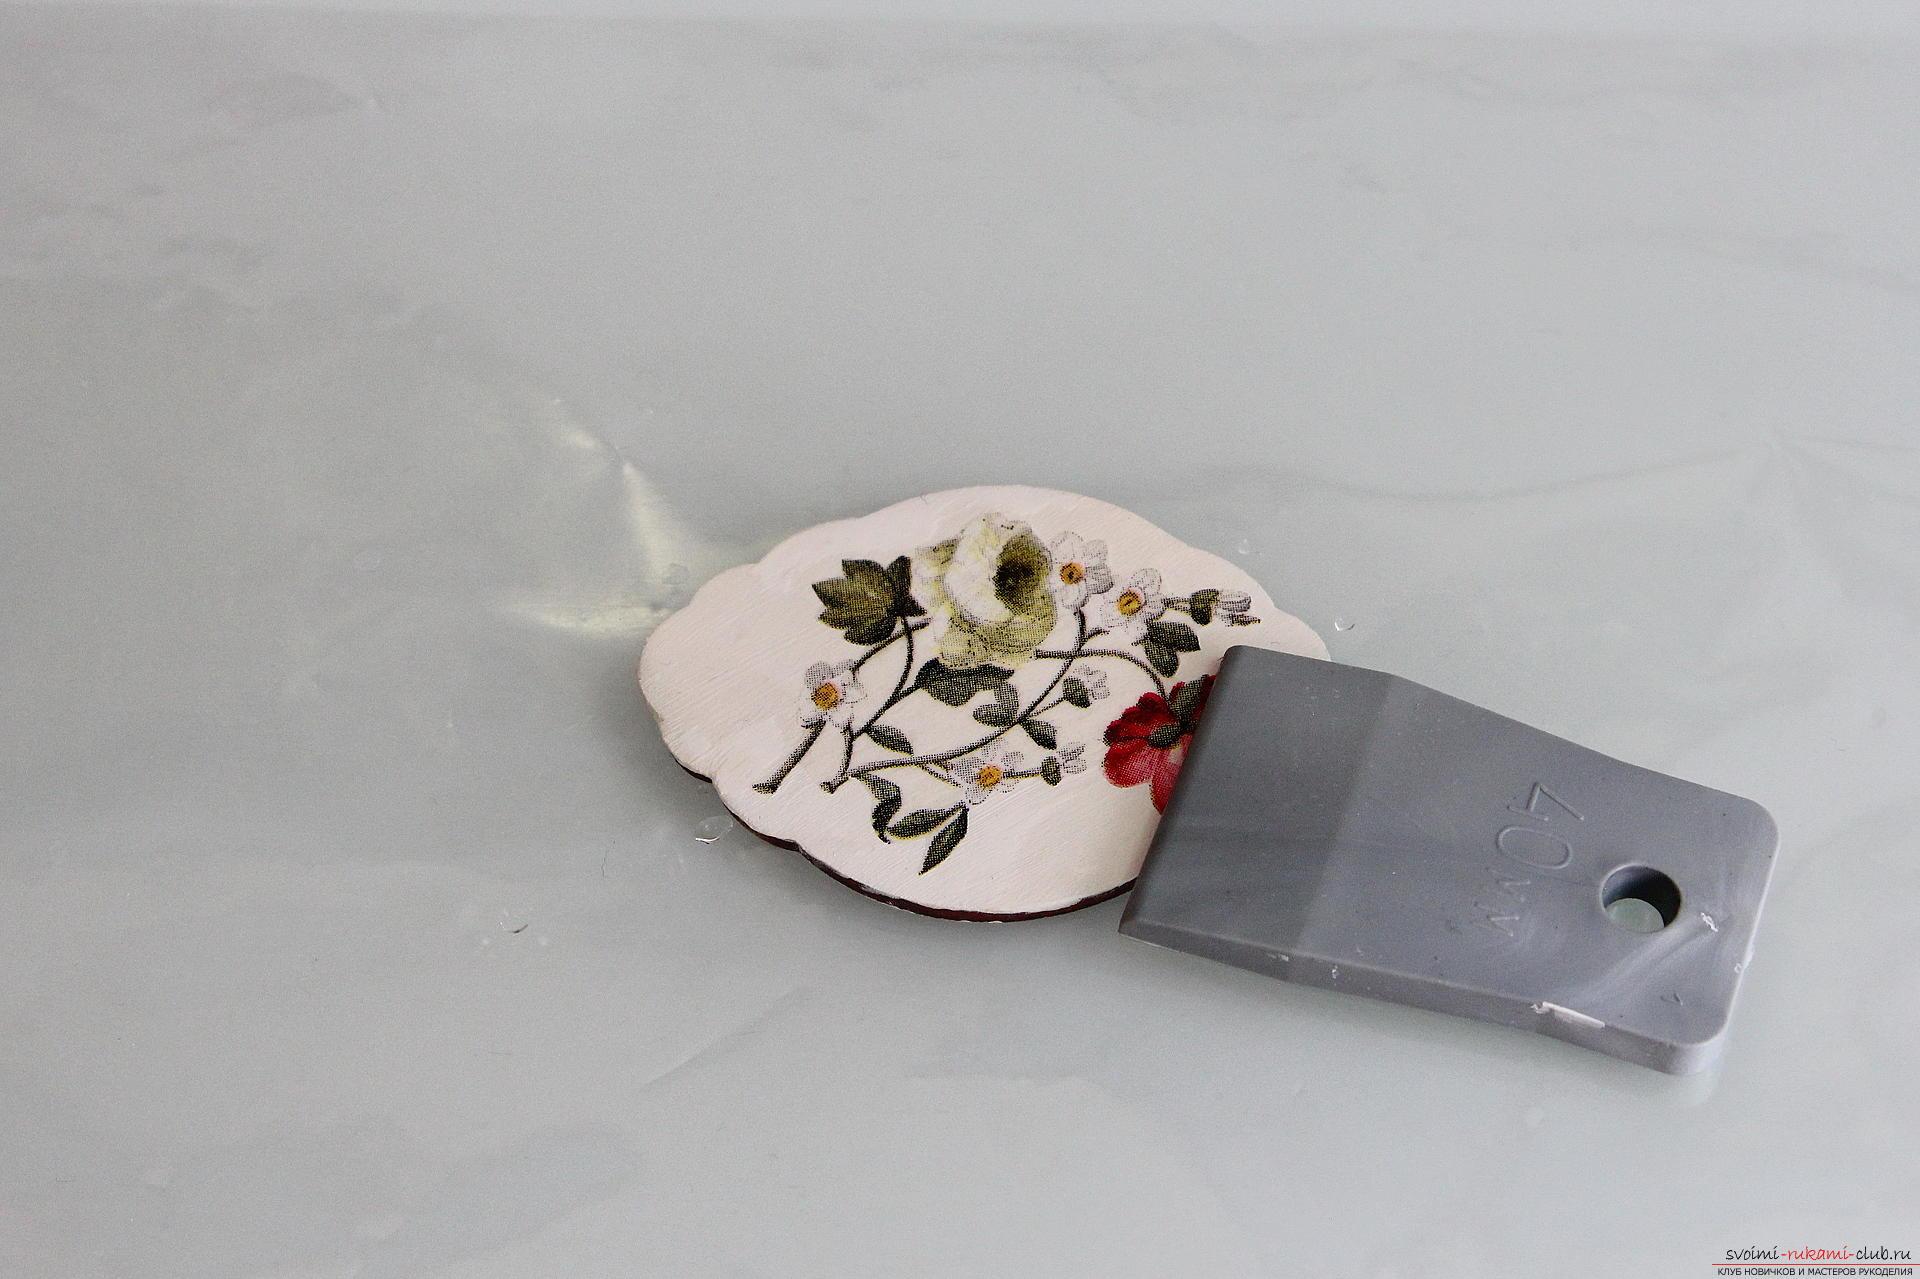 Мастер-класс описывает как декорируется разделочная доска своими руками с использованием техники декупаж.. Фото №8